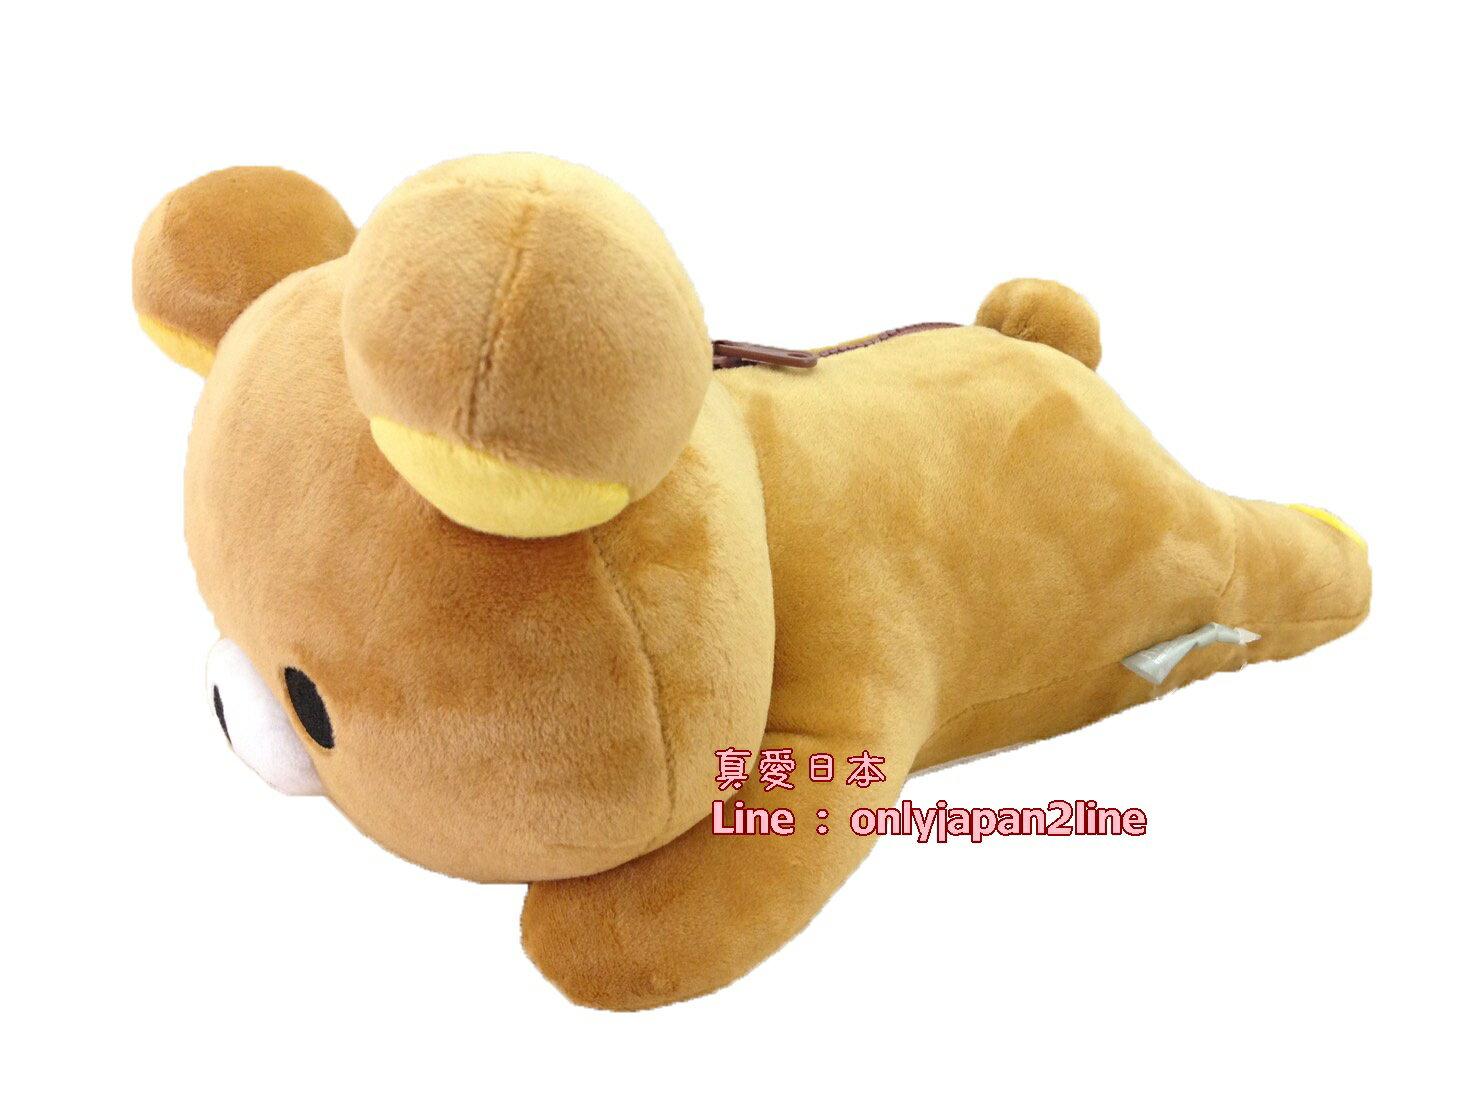 【真愛日本】1605270001212吋趴姿娃-懶熊30CM 拉拉熊 Rilakkuma 娃娃 抱枕 靠枕